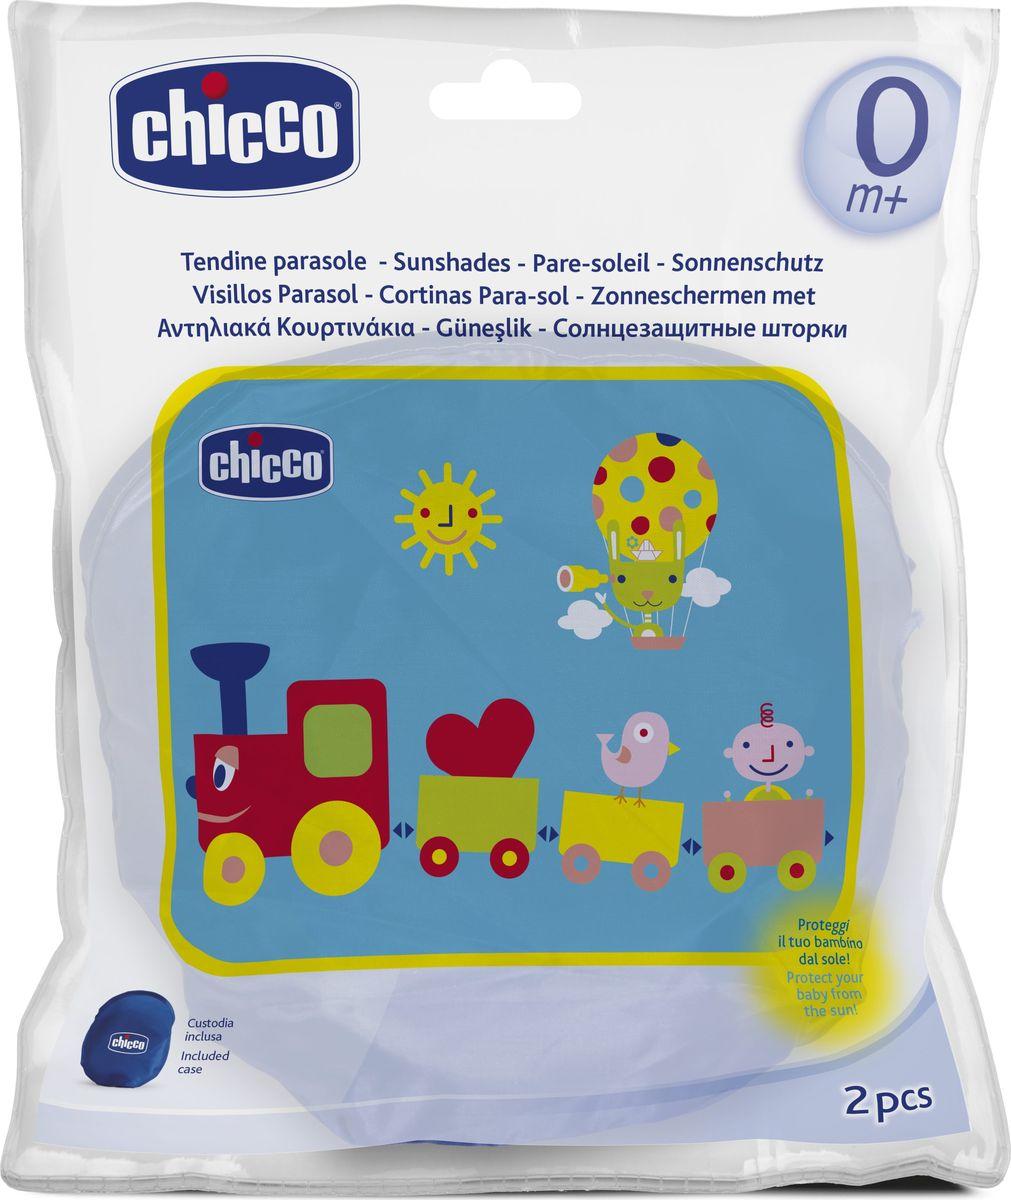 Chicco Шторки солнцезащитные для автомобиля Safe Паровозик330822022Солнцезащитные шторки Chicco для автомобиля помогут сделать путешествие комфортным для вашего малыша.Шторки имеют привлекательный дизайн, крепятся на присоски, изготовлены из прочных нетканых материалов и имеют долговечный каркас из стальной проволоки. Шторки можно мыть.В комплекте: 2 шторки и сумка в подарок.